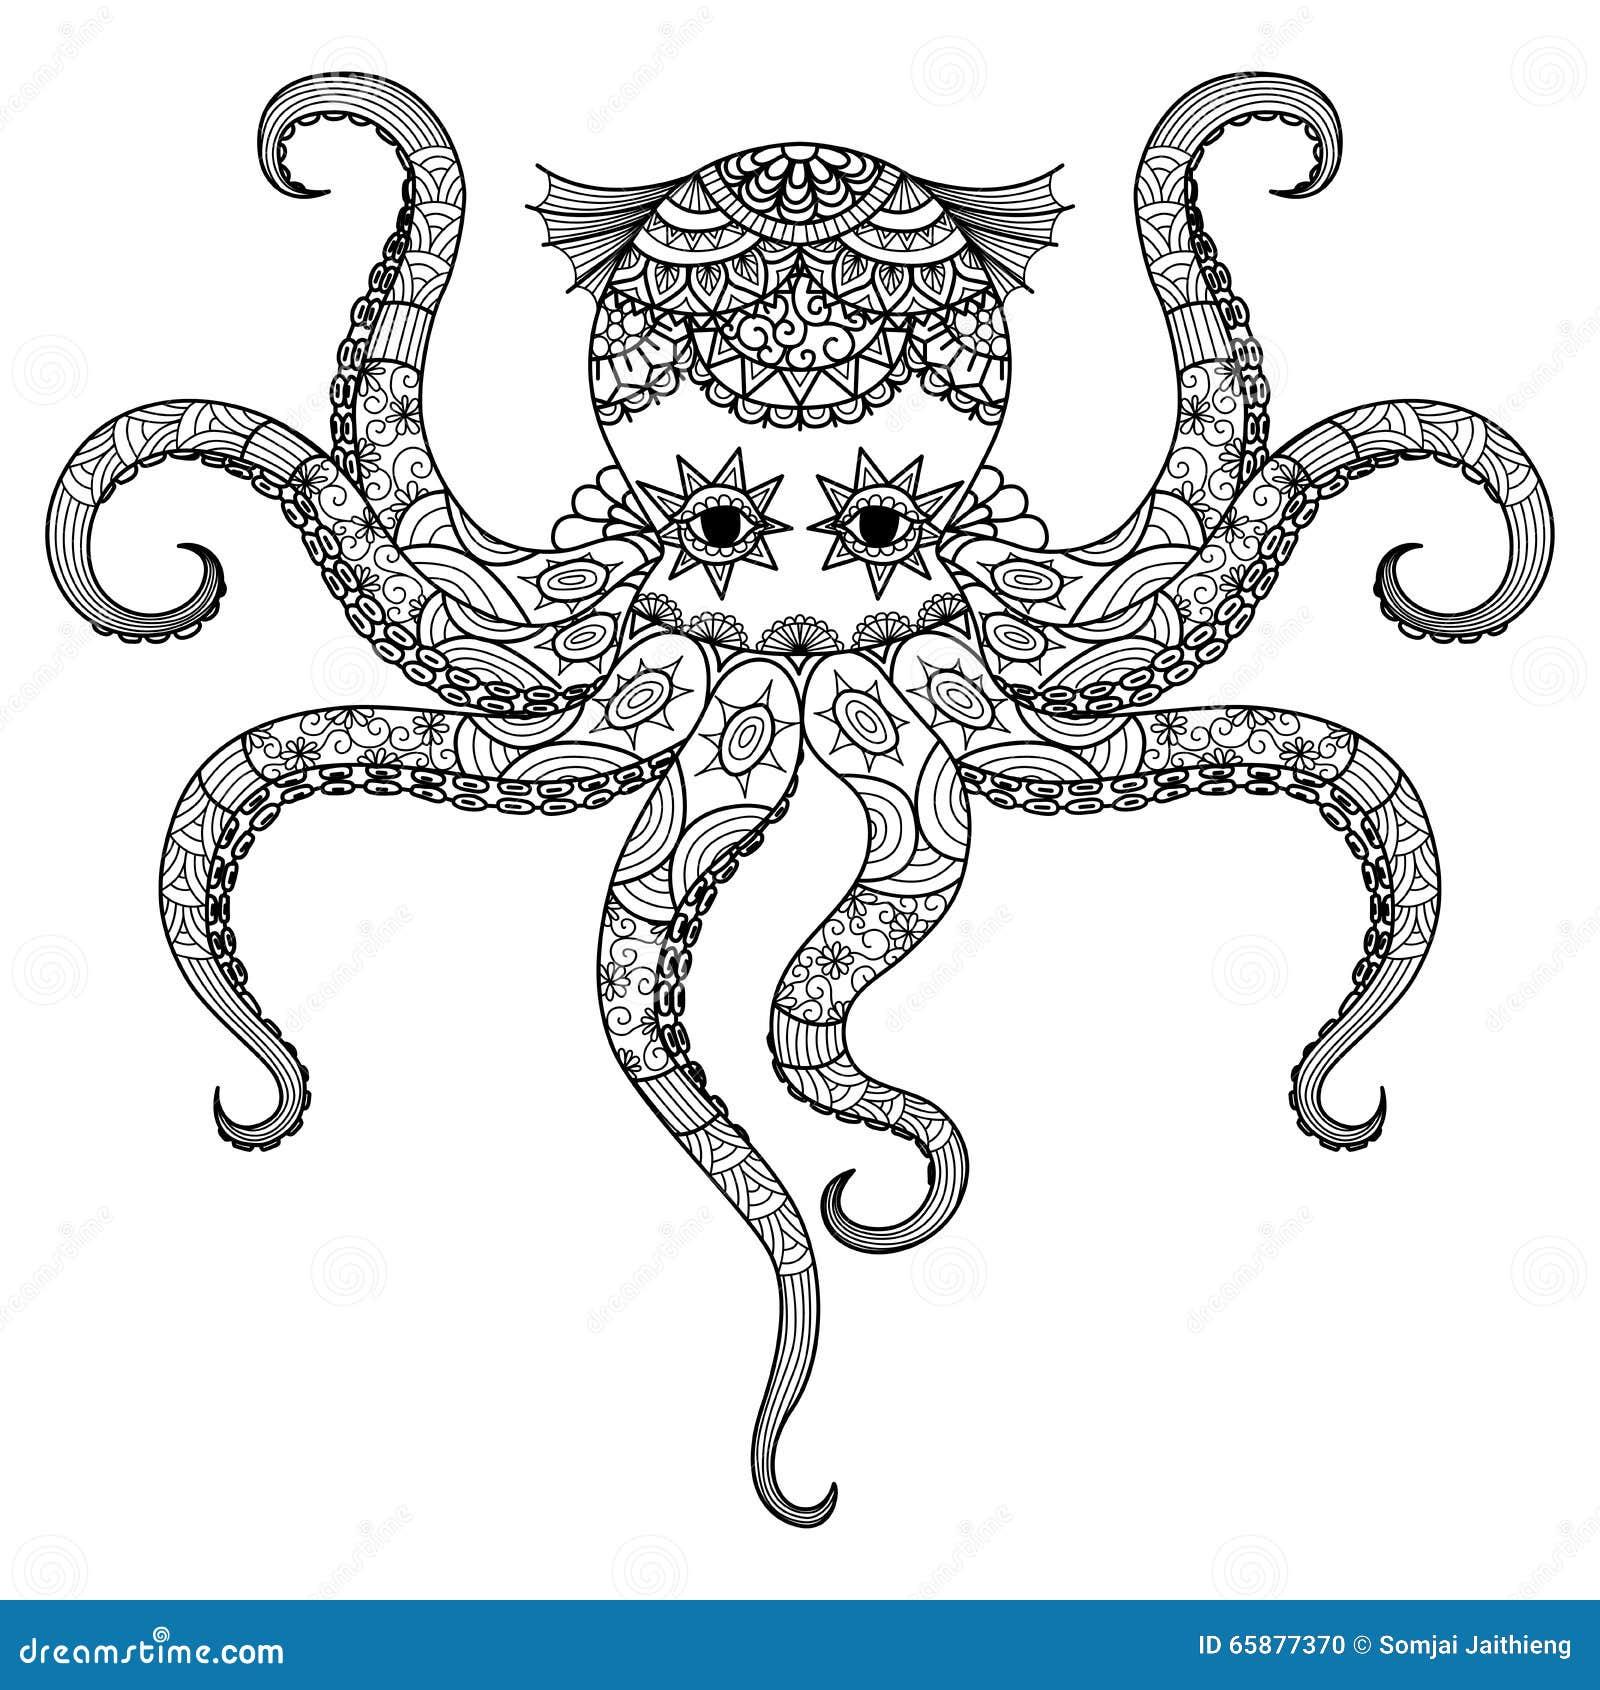 El Diseño Del Zentangle Del Pulpo Del Dibujo Para El Libro De